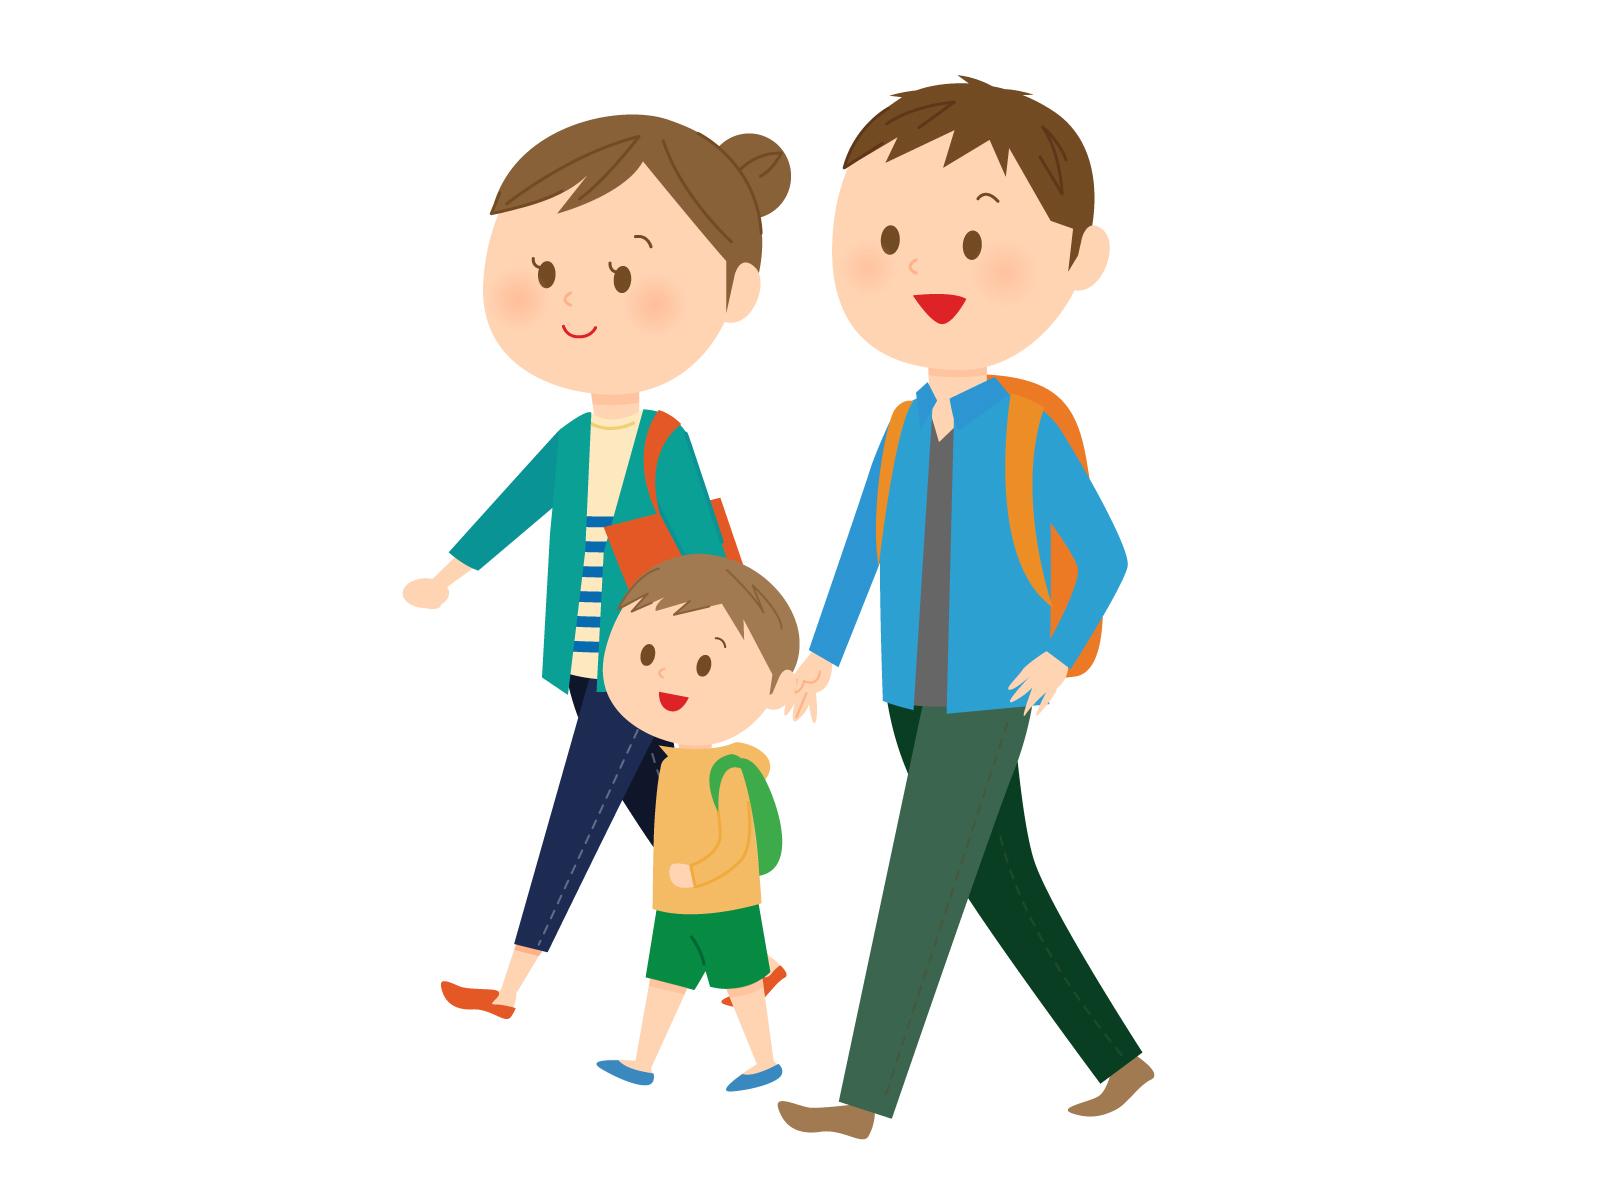 重度自閉症の息子の外出には注意が必要。赤ちゃんを見ると叩きに行く